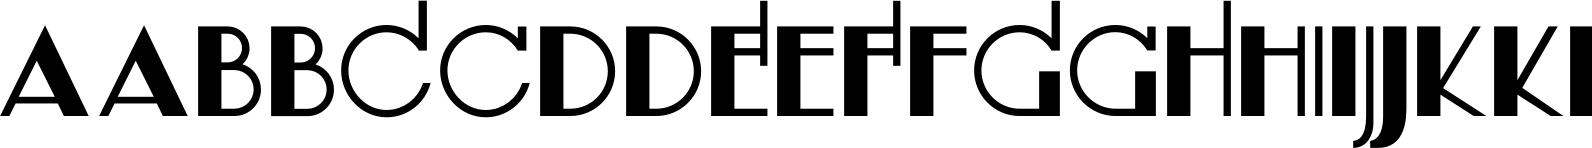 Freco